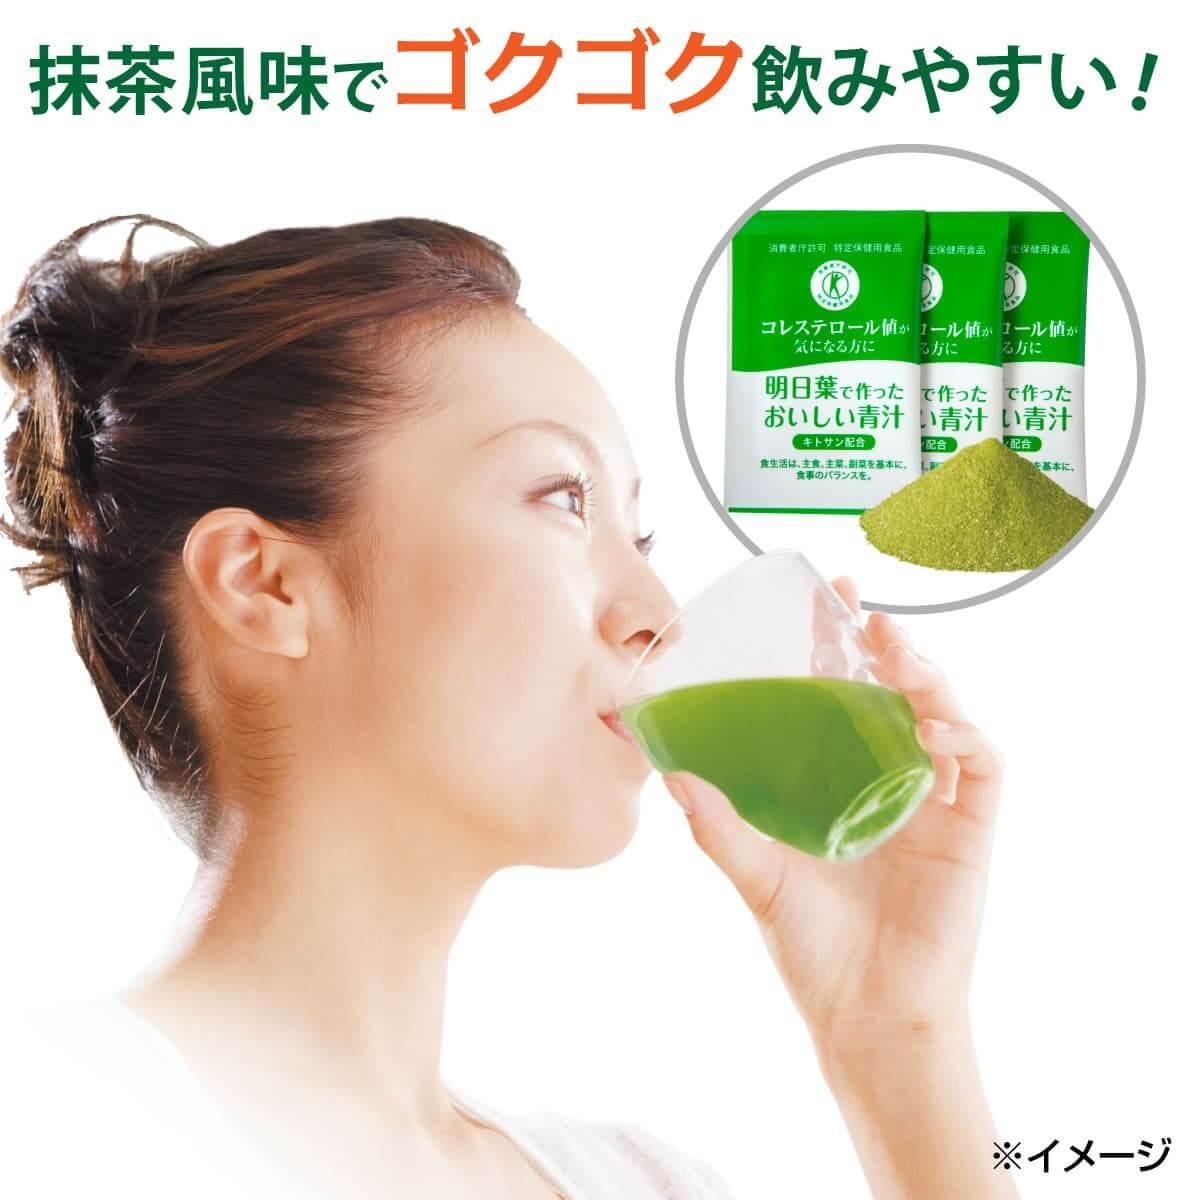 【3箱セット】明日葉で作ったおいしい青汁